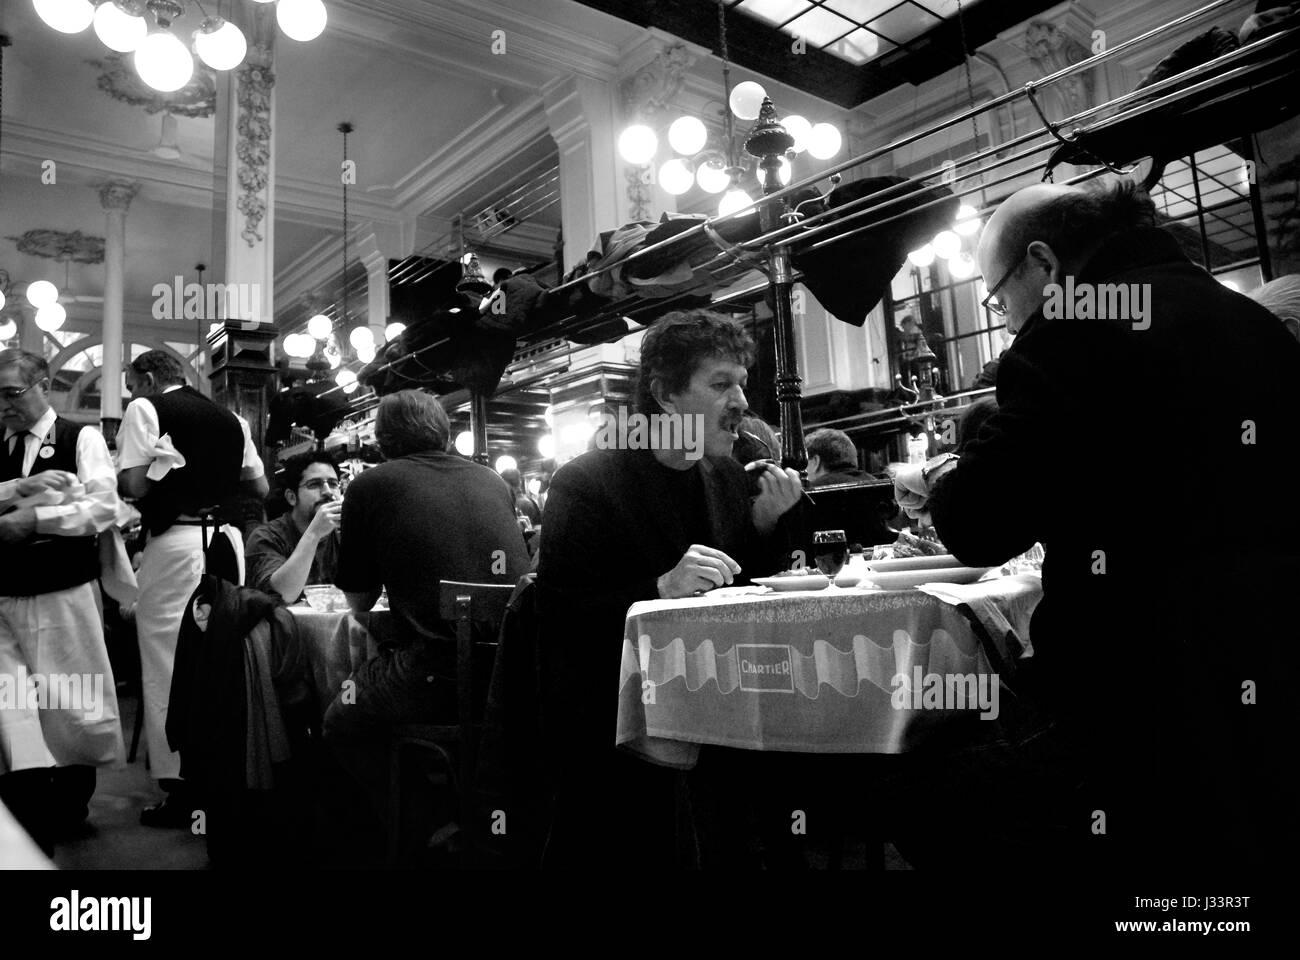 Deux Grands Cafes